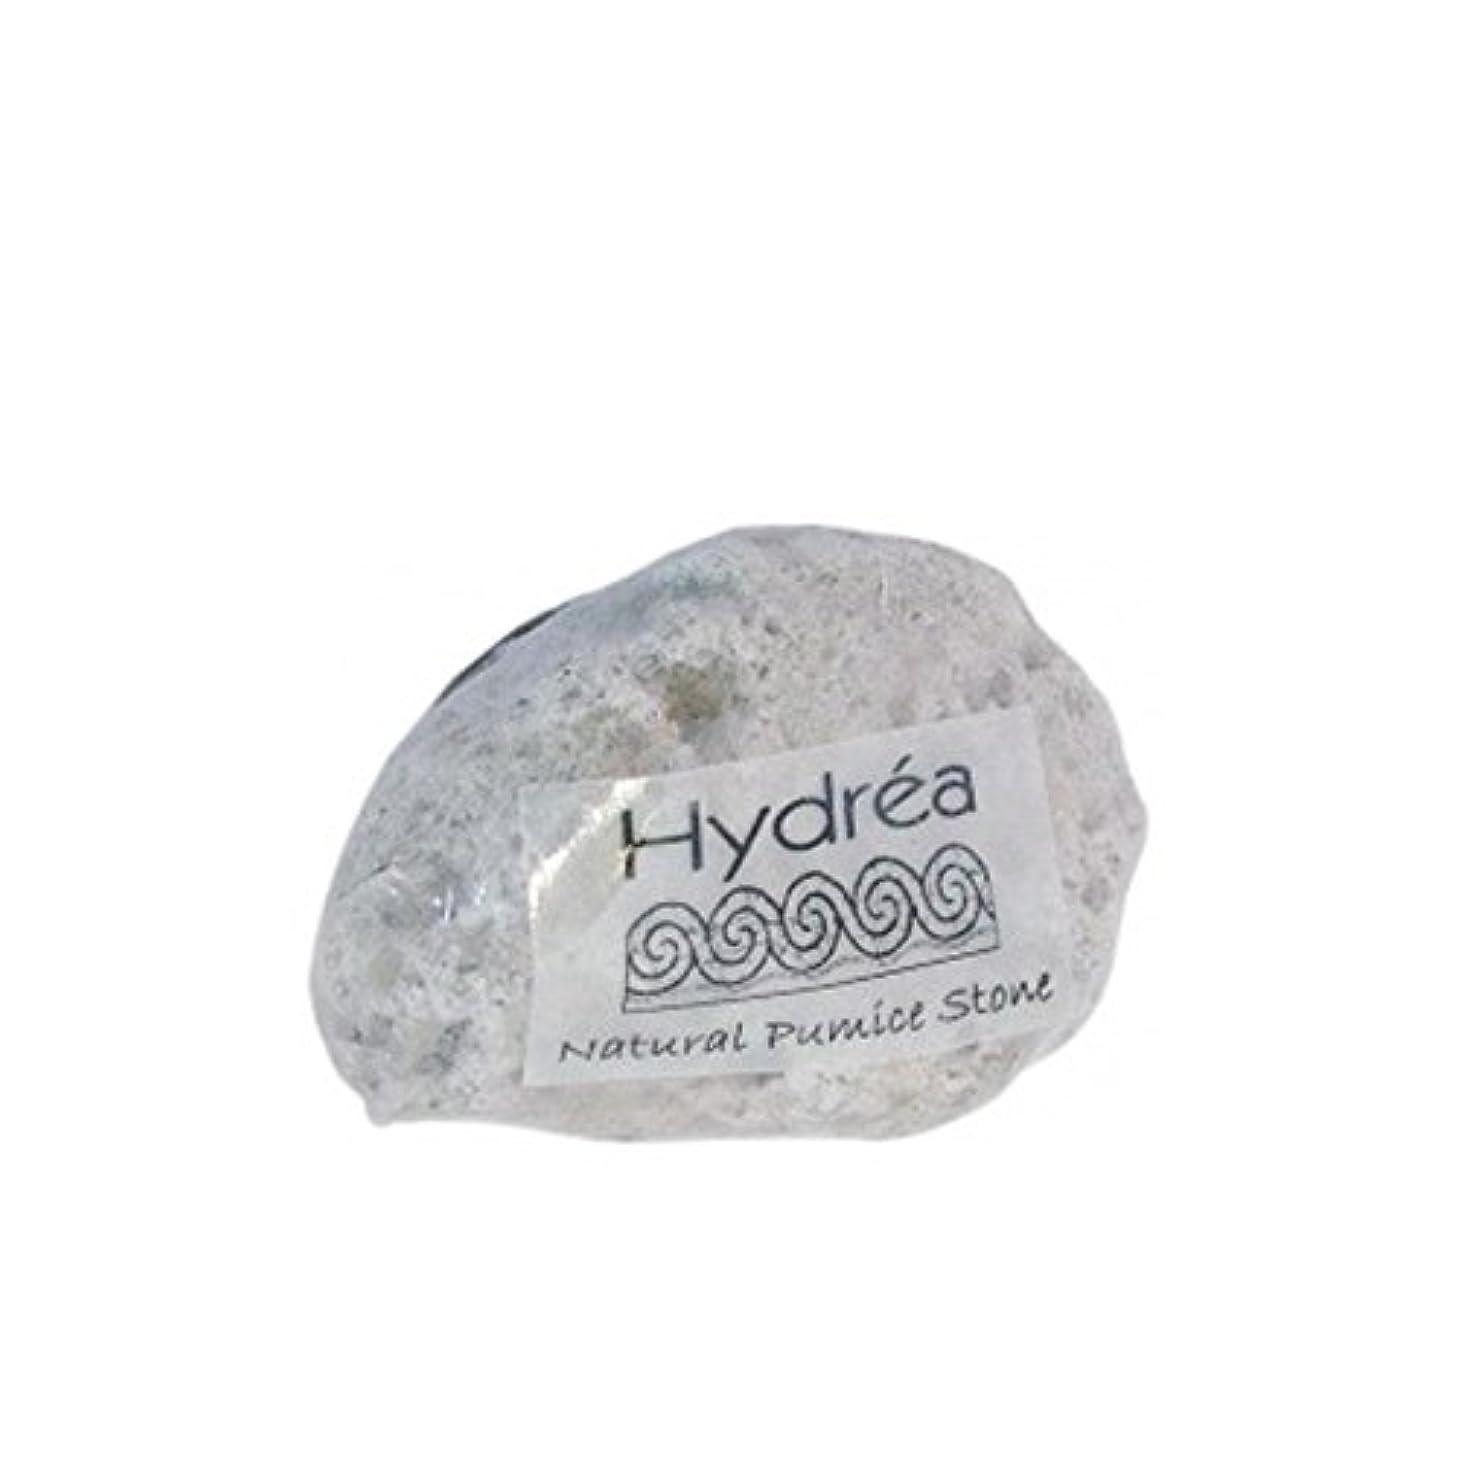 特別な熱心アジャハイドレアロンドン - 自然軽石 x2 - Hydrea London - Natural Pumice Stone (Pack of 2) [並行輸入品]